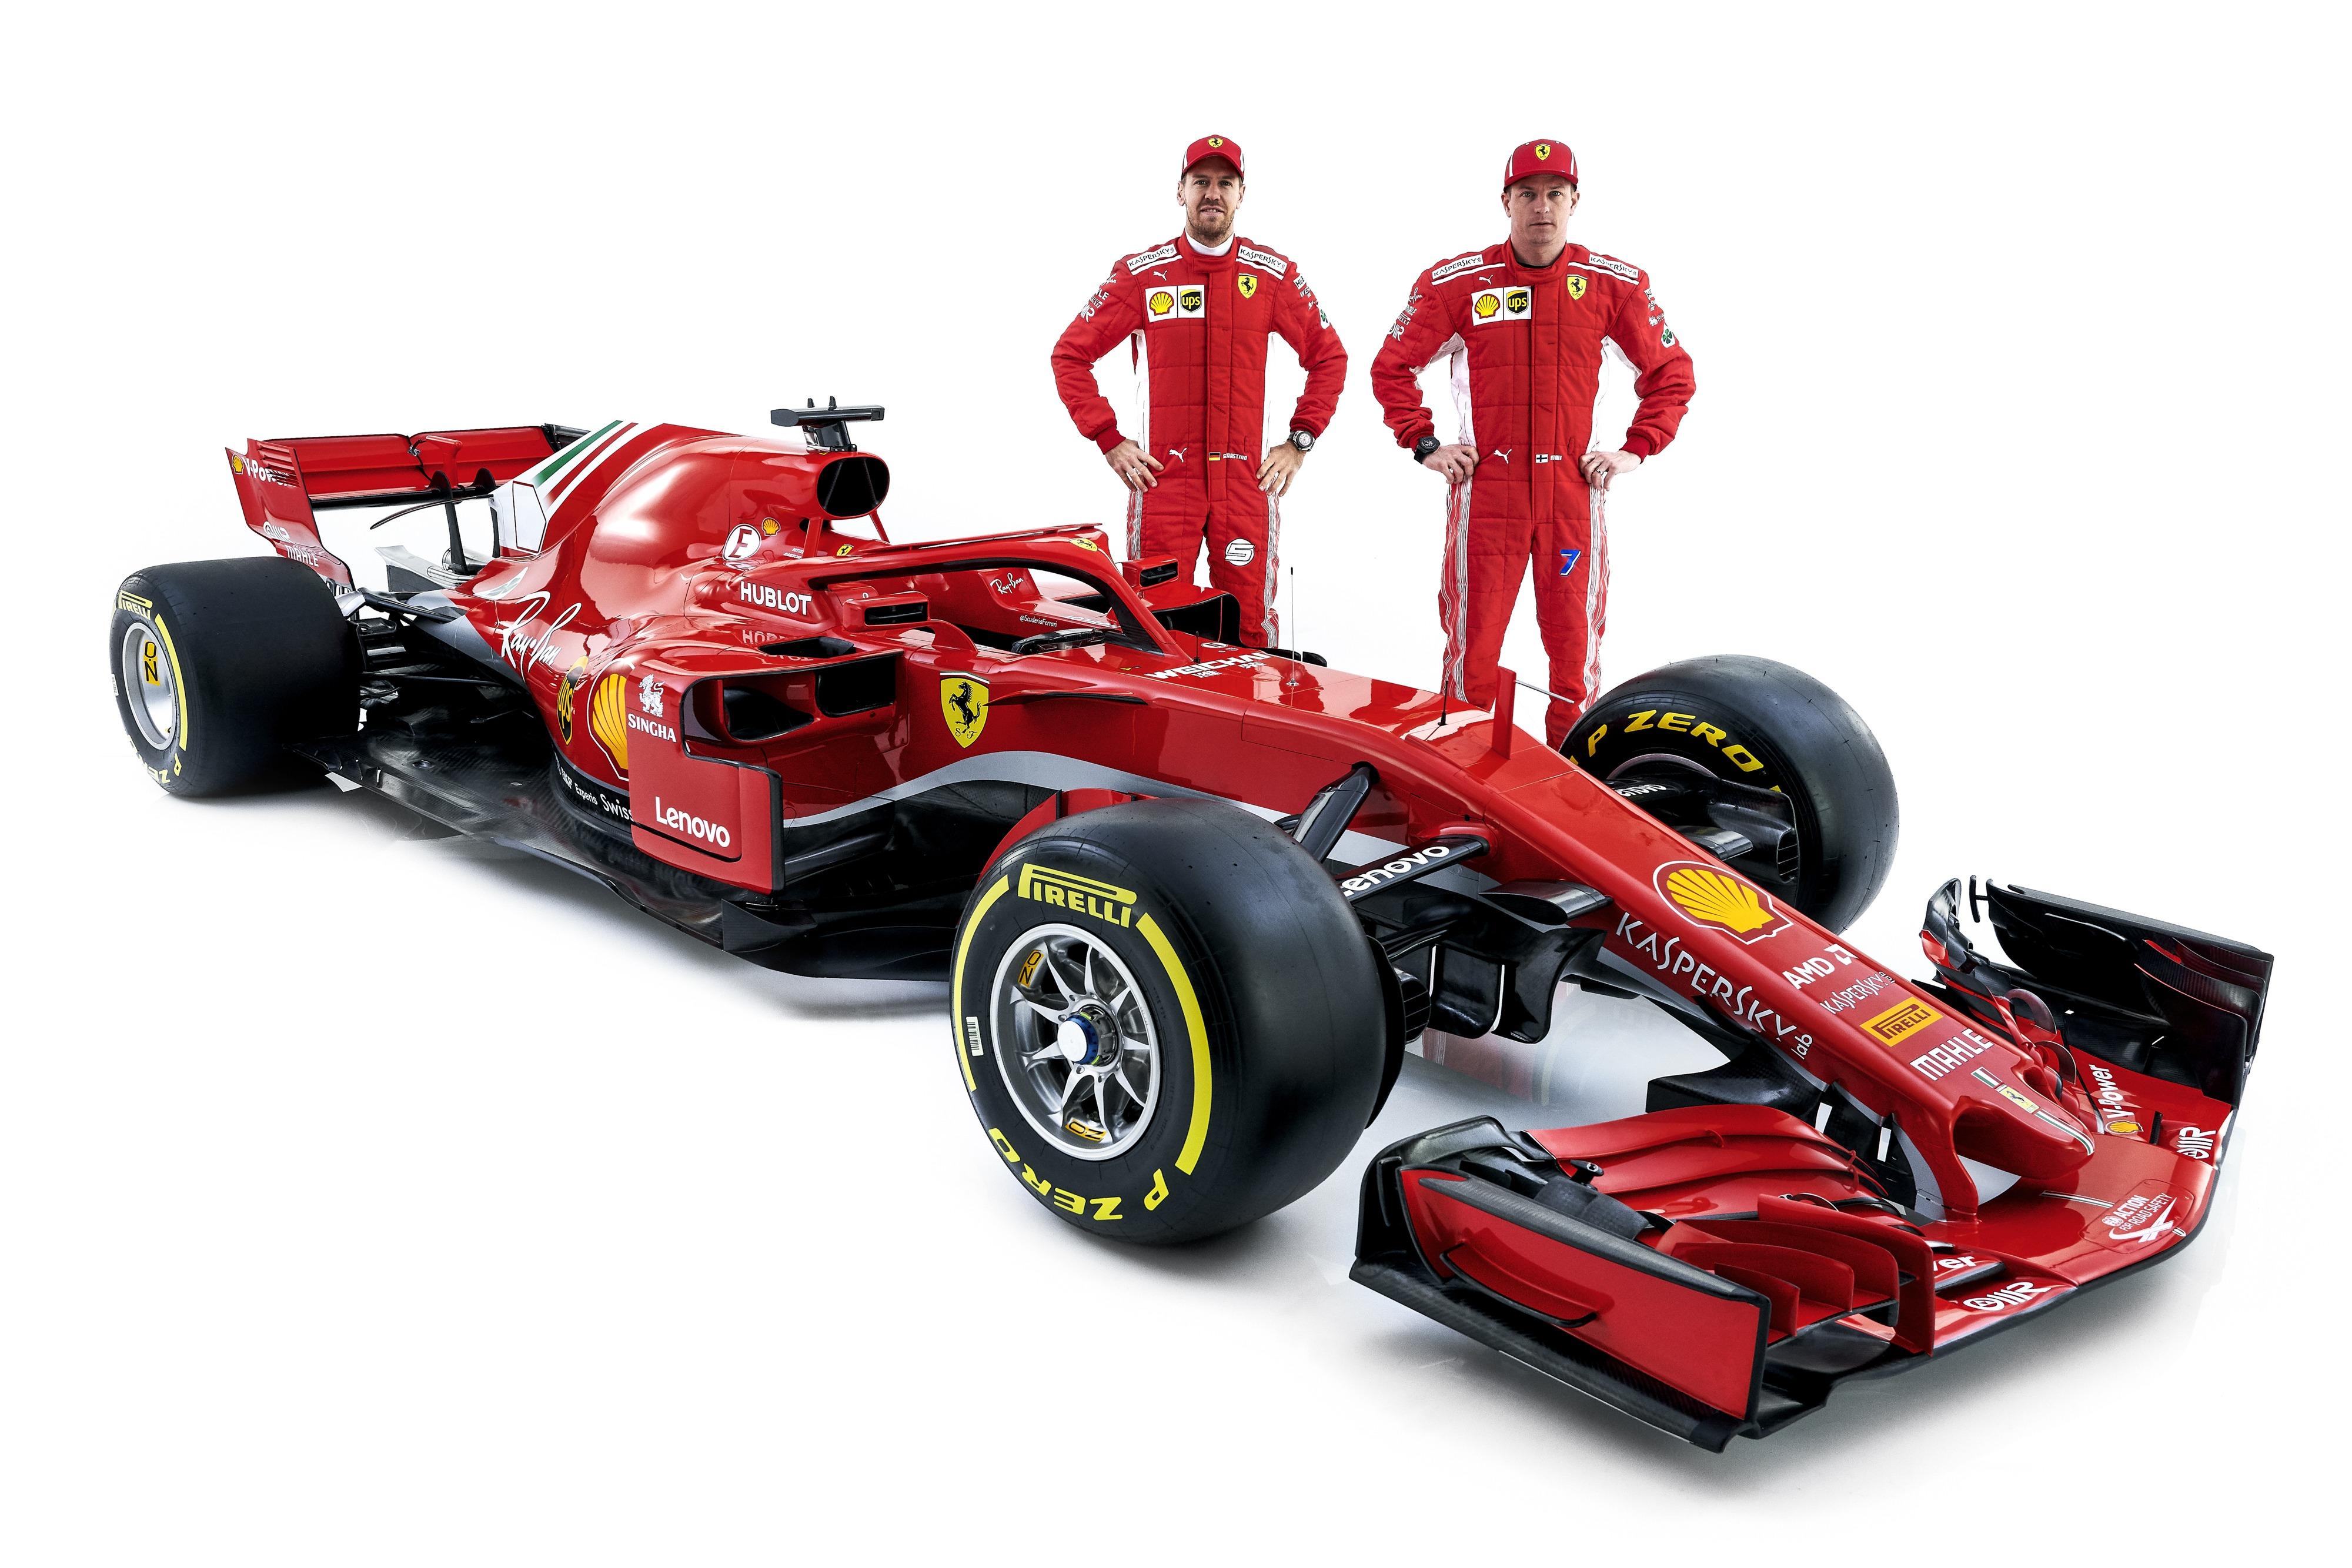 2018 Ferrari Sf71h F1 Car Launch Pictures F1